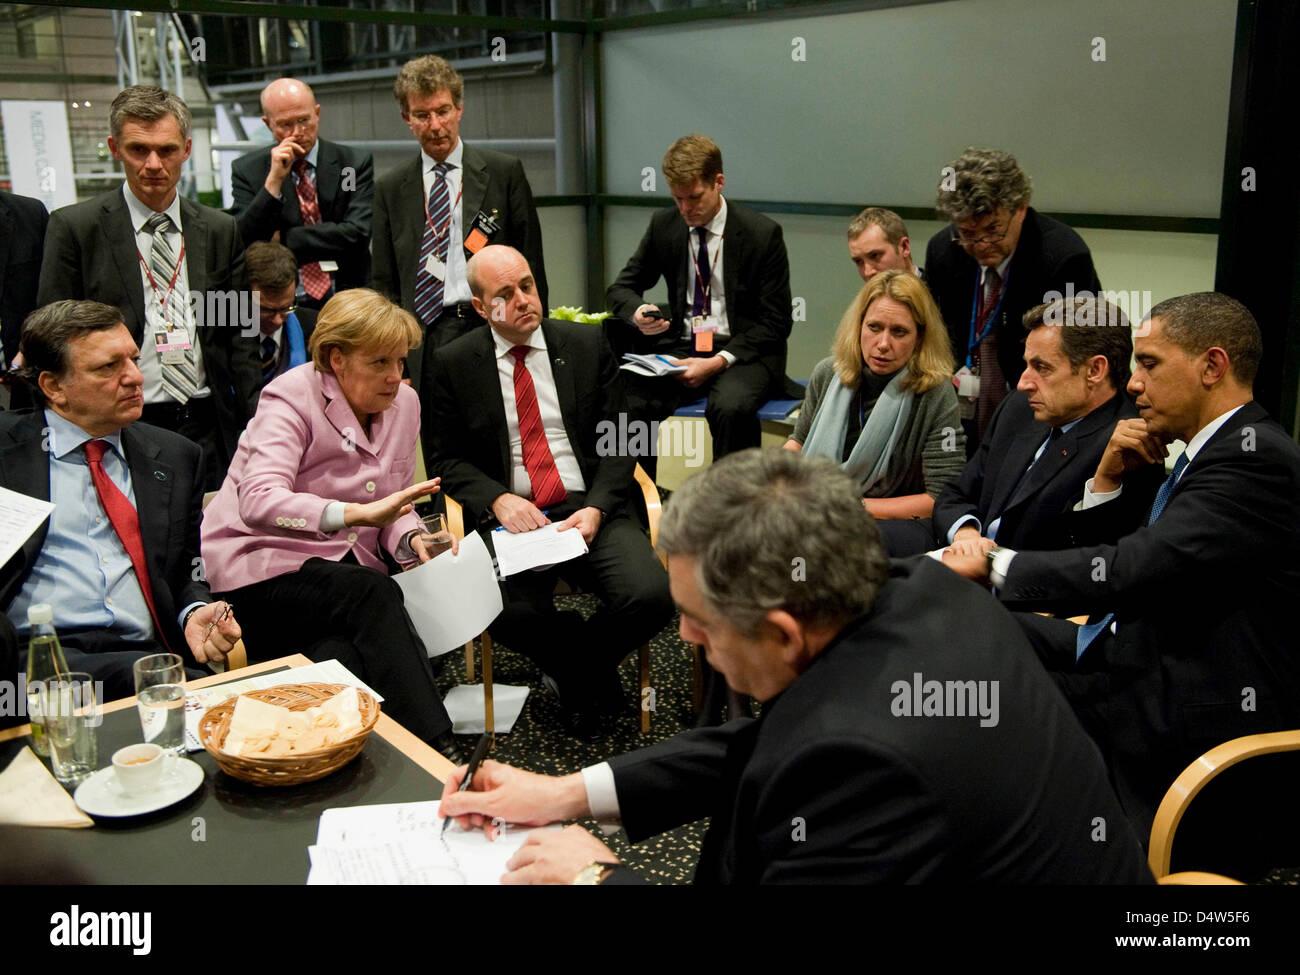 Bundeskanzlerin Angela Merkel (2.v.l) handelt am späten Freitag (18.12.2009) gemeinsam mit EU-Kommissionspräsident - Stock Image